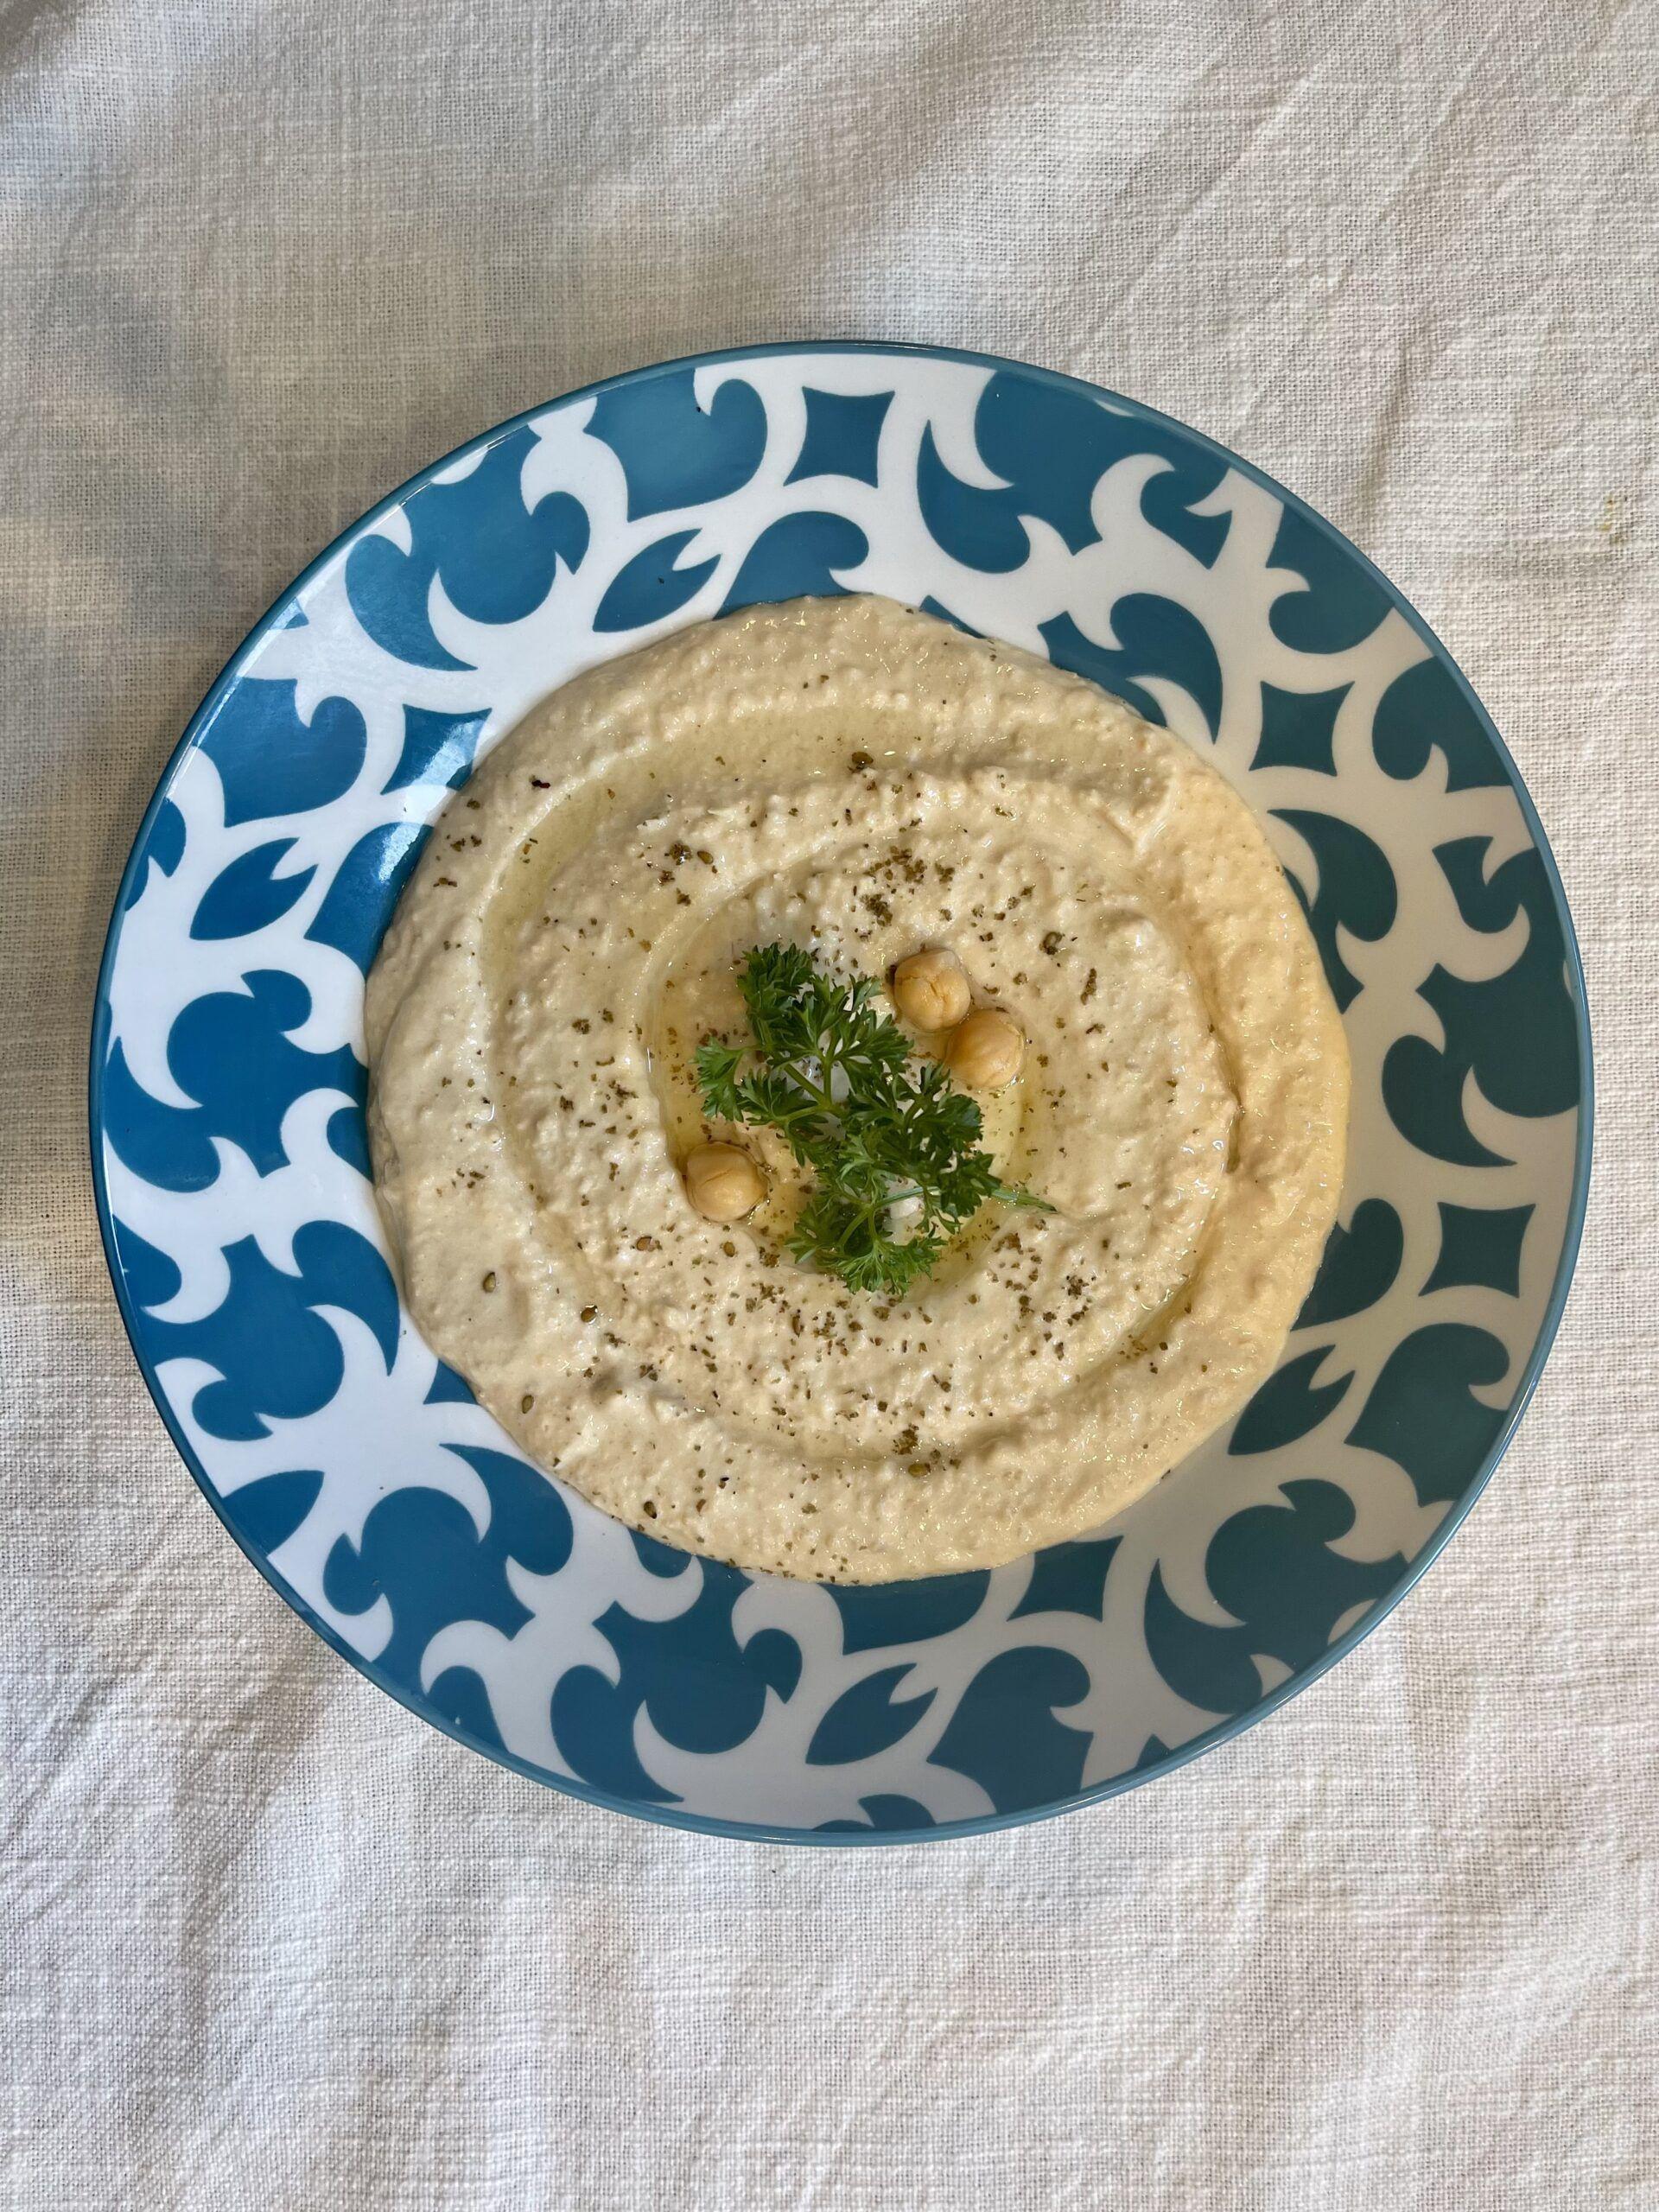 Sample hummus from Zaitoun